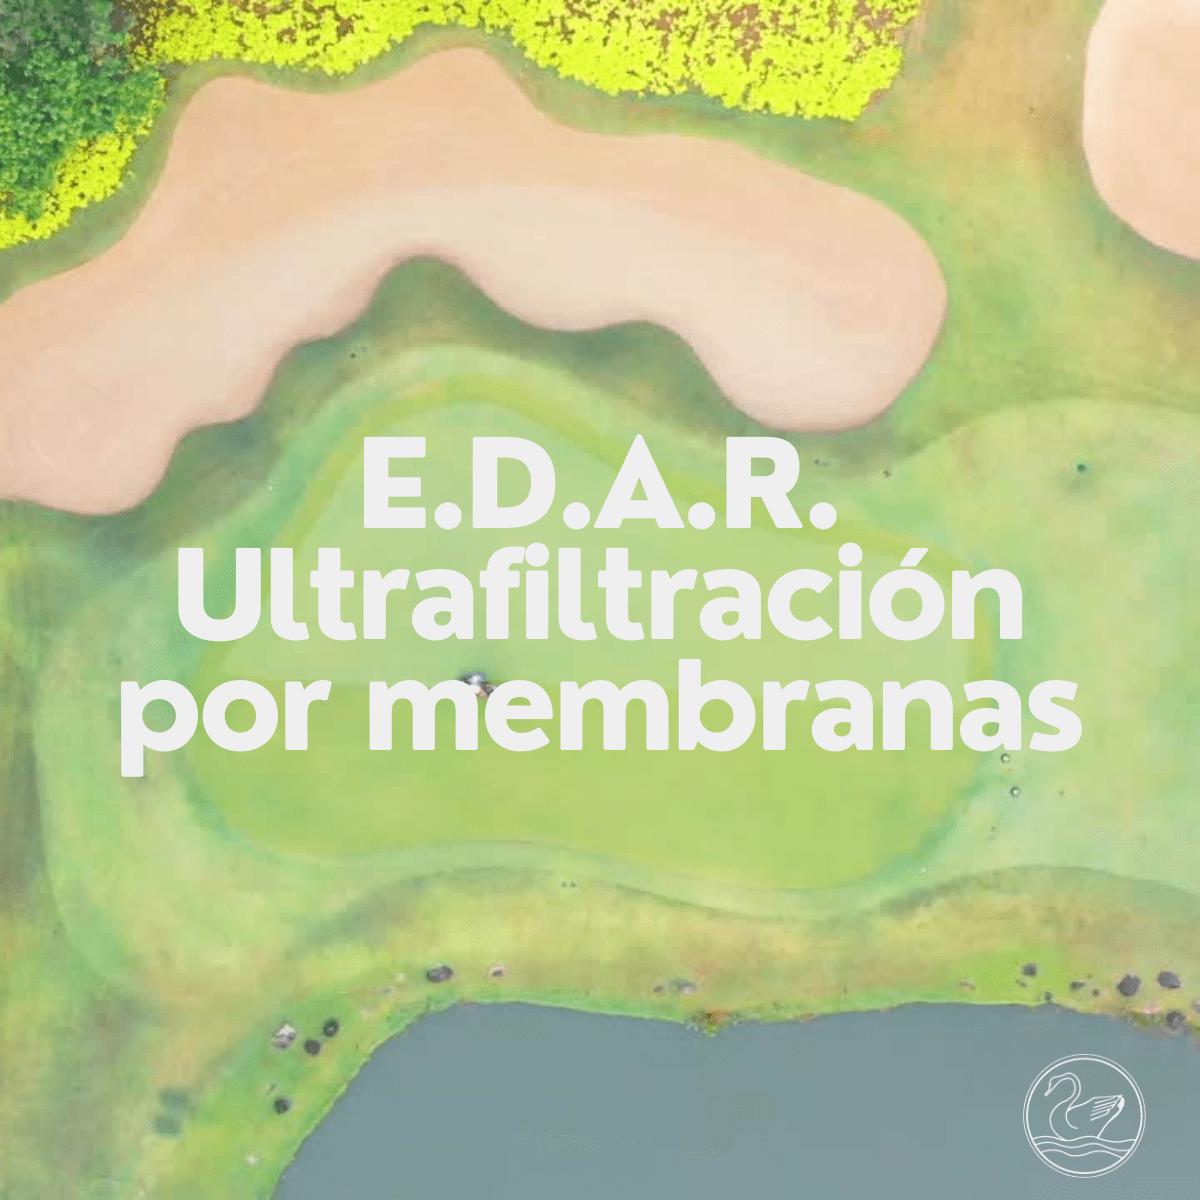 E.D.A.R. Ultrafiltración por membranas